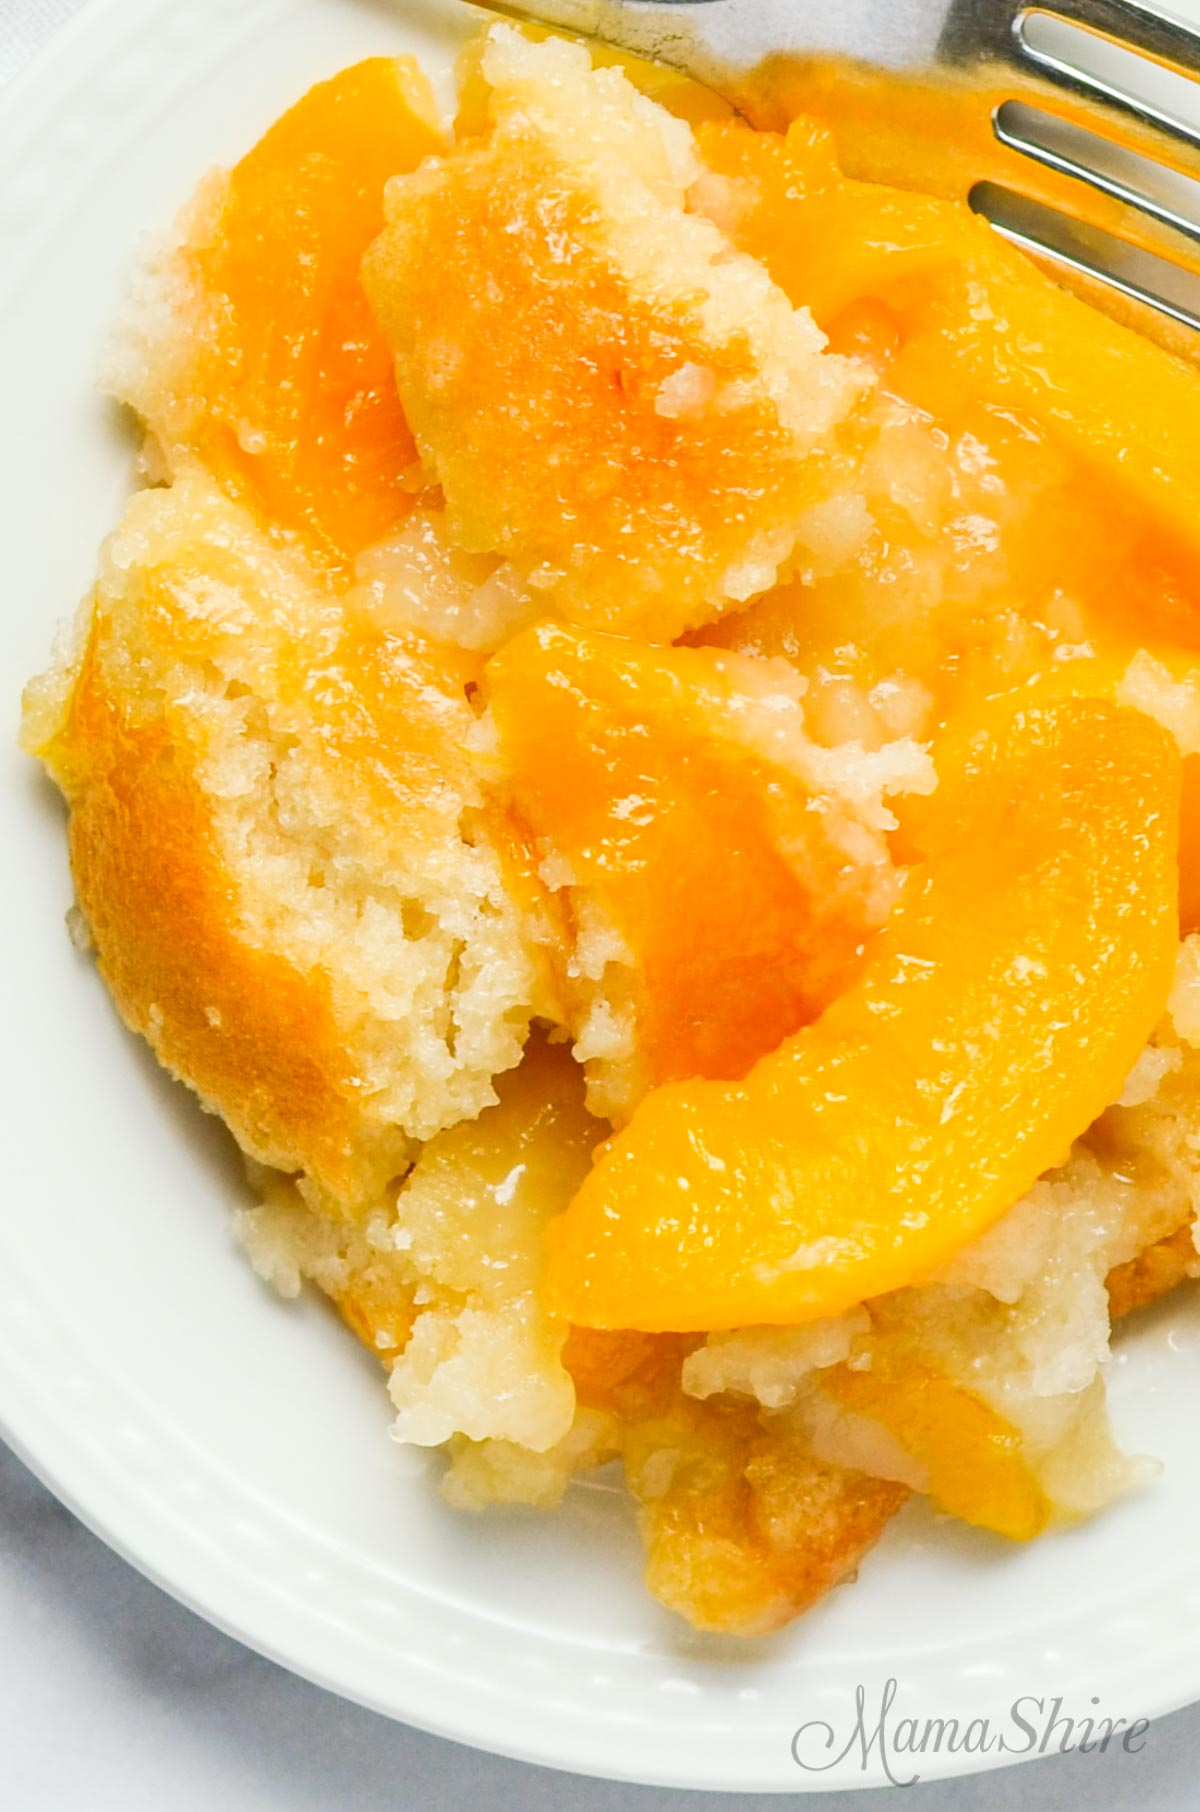 A serving of gluten-free peach cobbler.